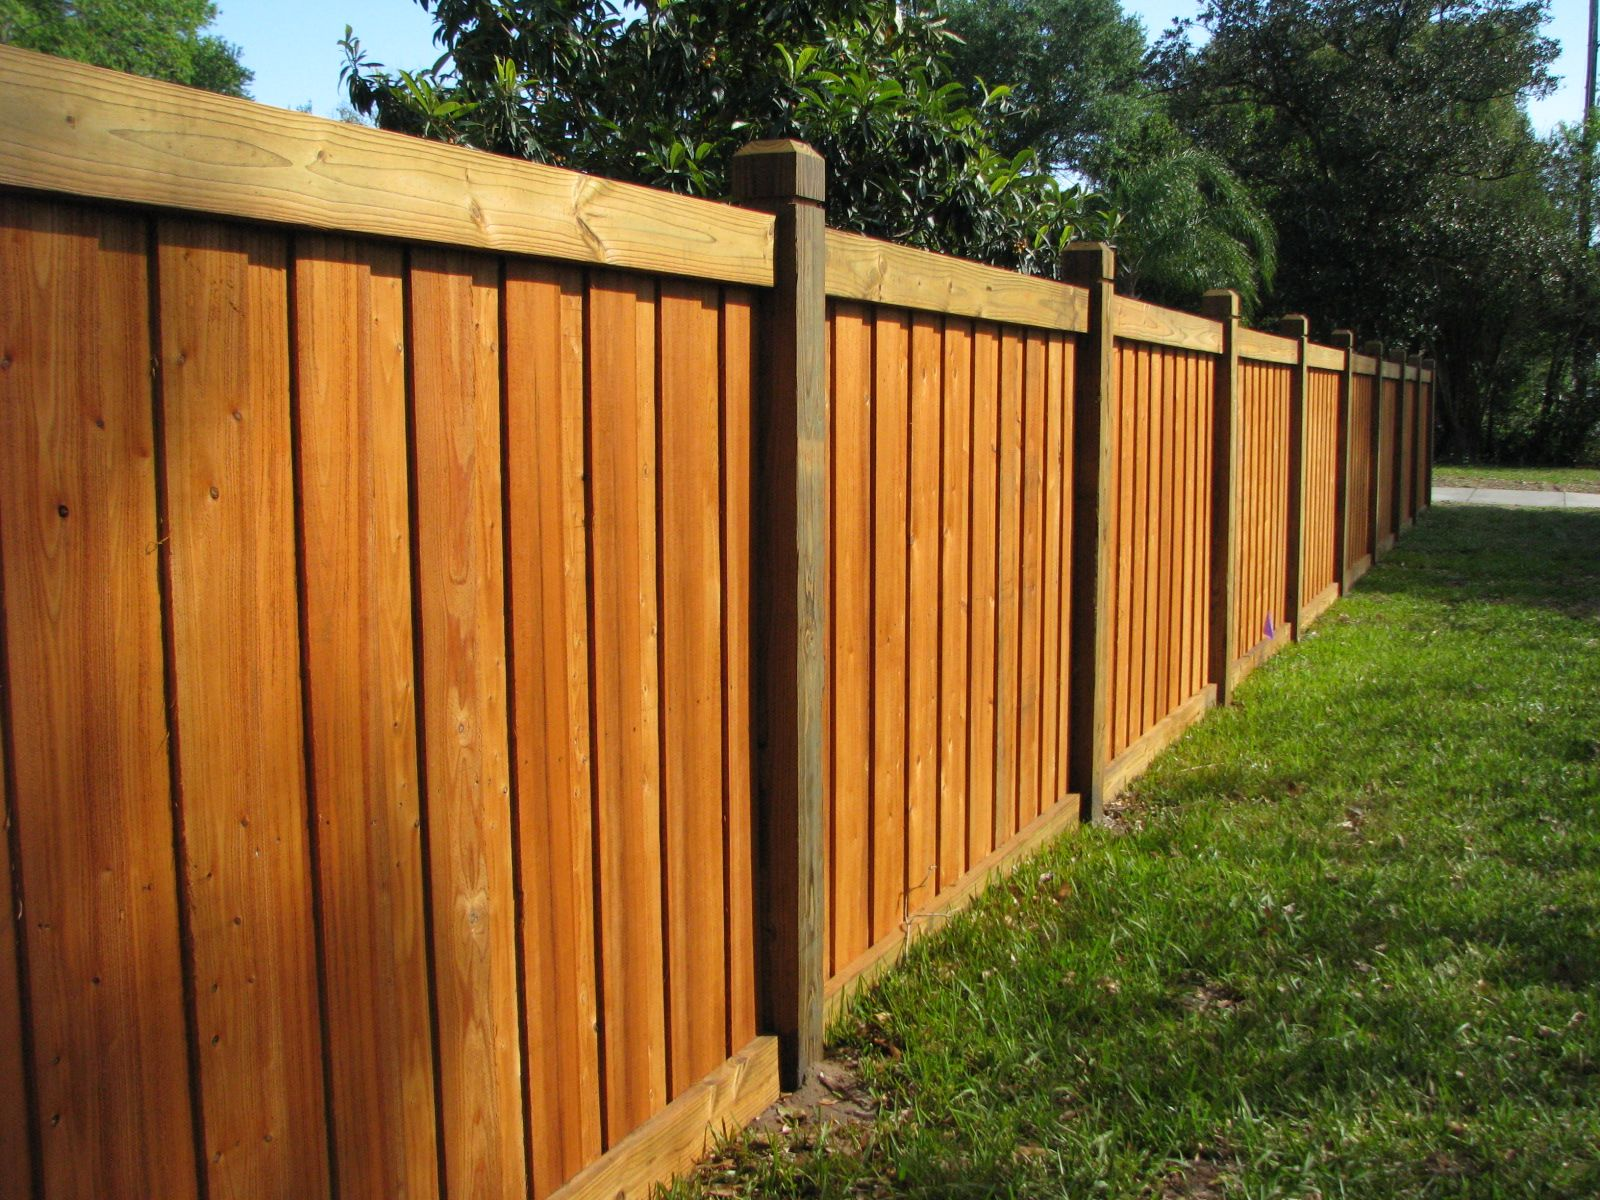 Capped Board On Board Wood Fence Design Mossy Oak Fence